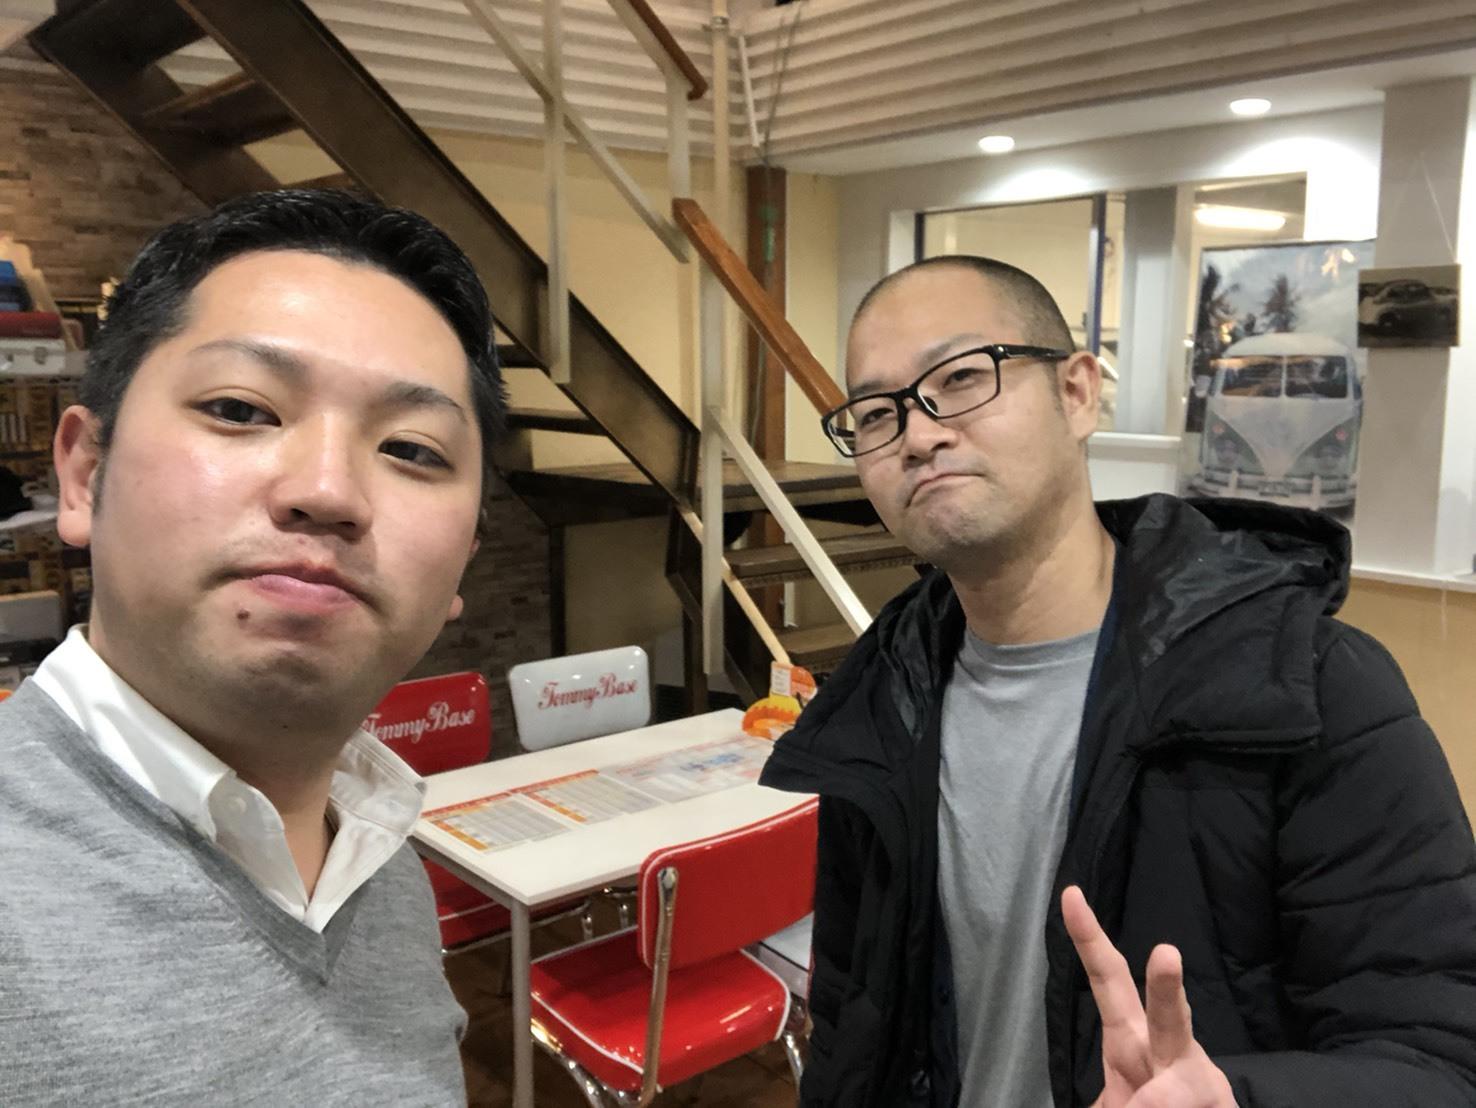 12月17日(火)トミーベースブログ☆レクサス♬LS460🎶LS600🎶フーガ♬スバル☆フォレスター☆レガシィ☆限定車🎶自社ローン♬ローンサポート_b0127002_18534839.jpg